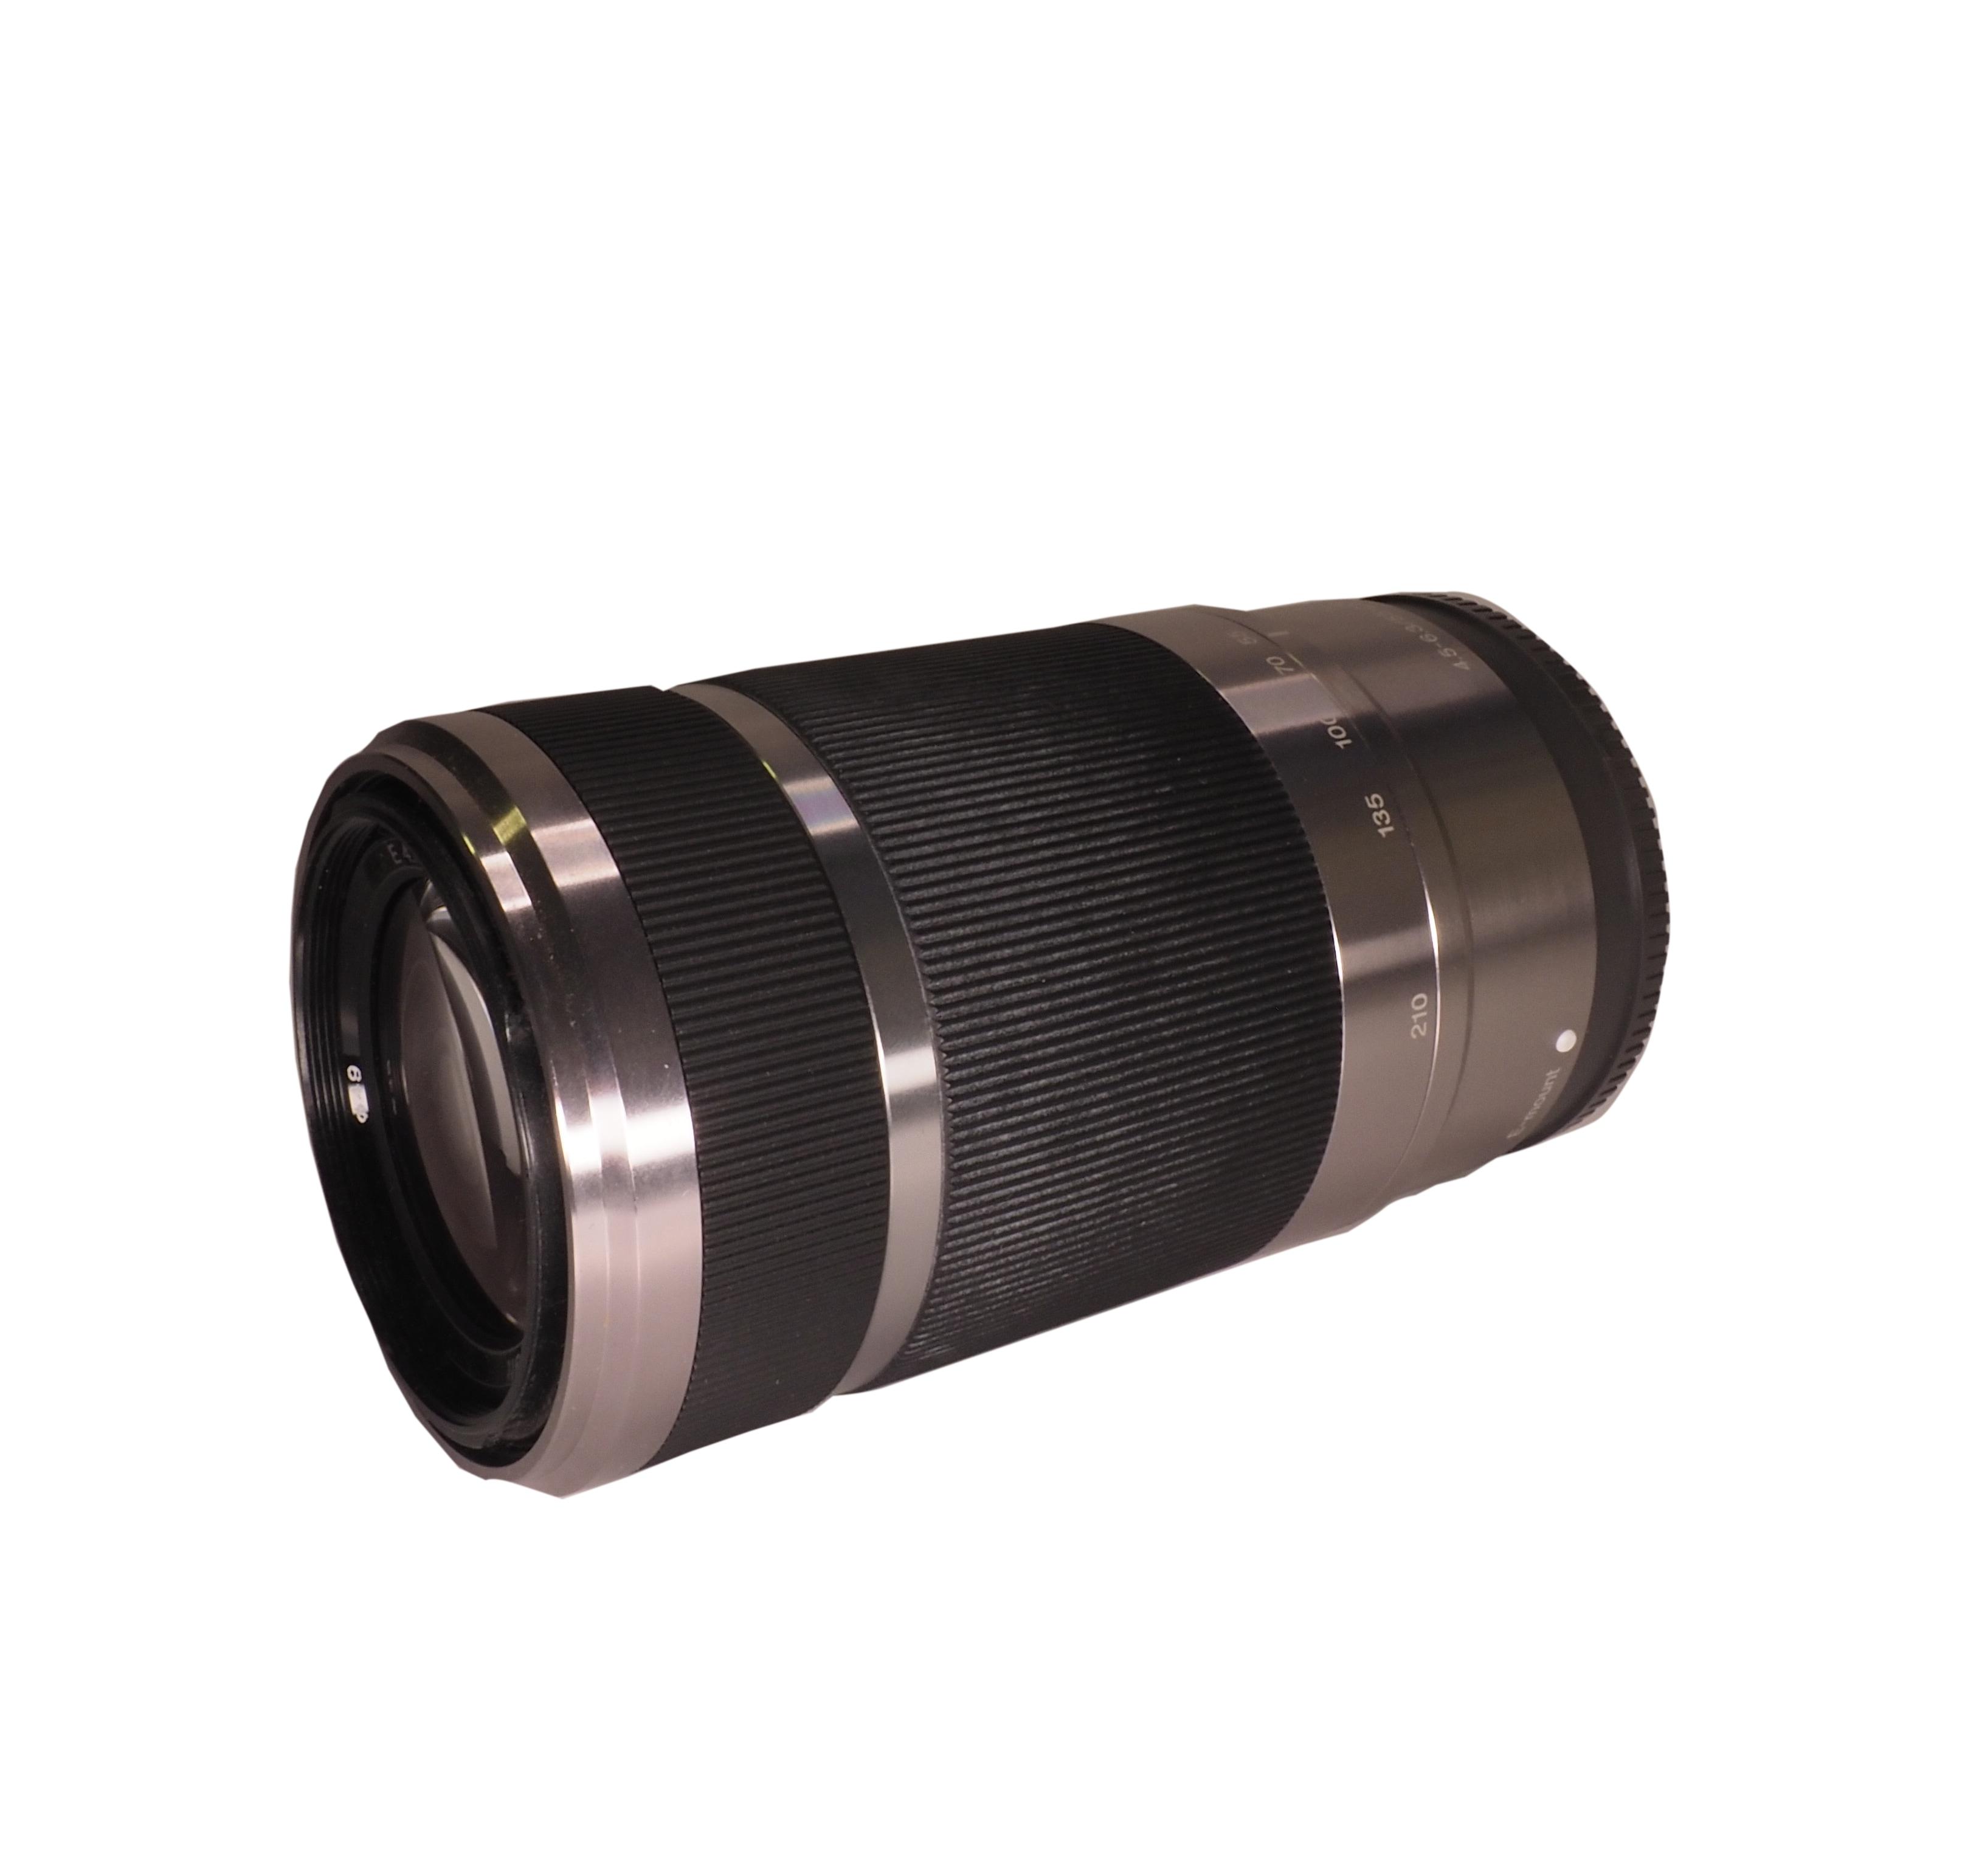 Sony 55-210mm f/4,5-6,3 OSS silver - BEGAGNAT